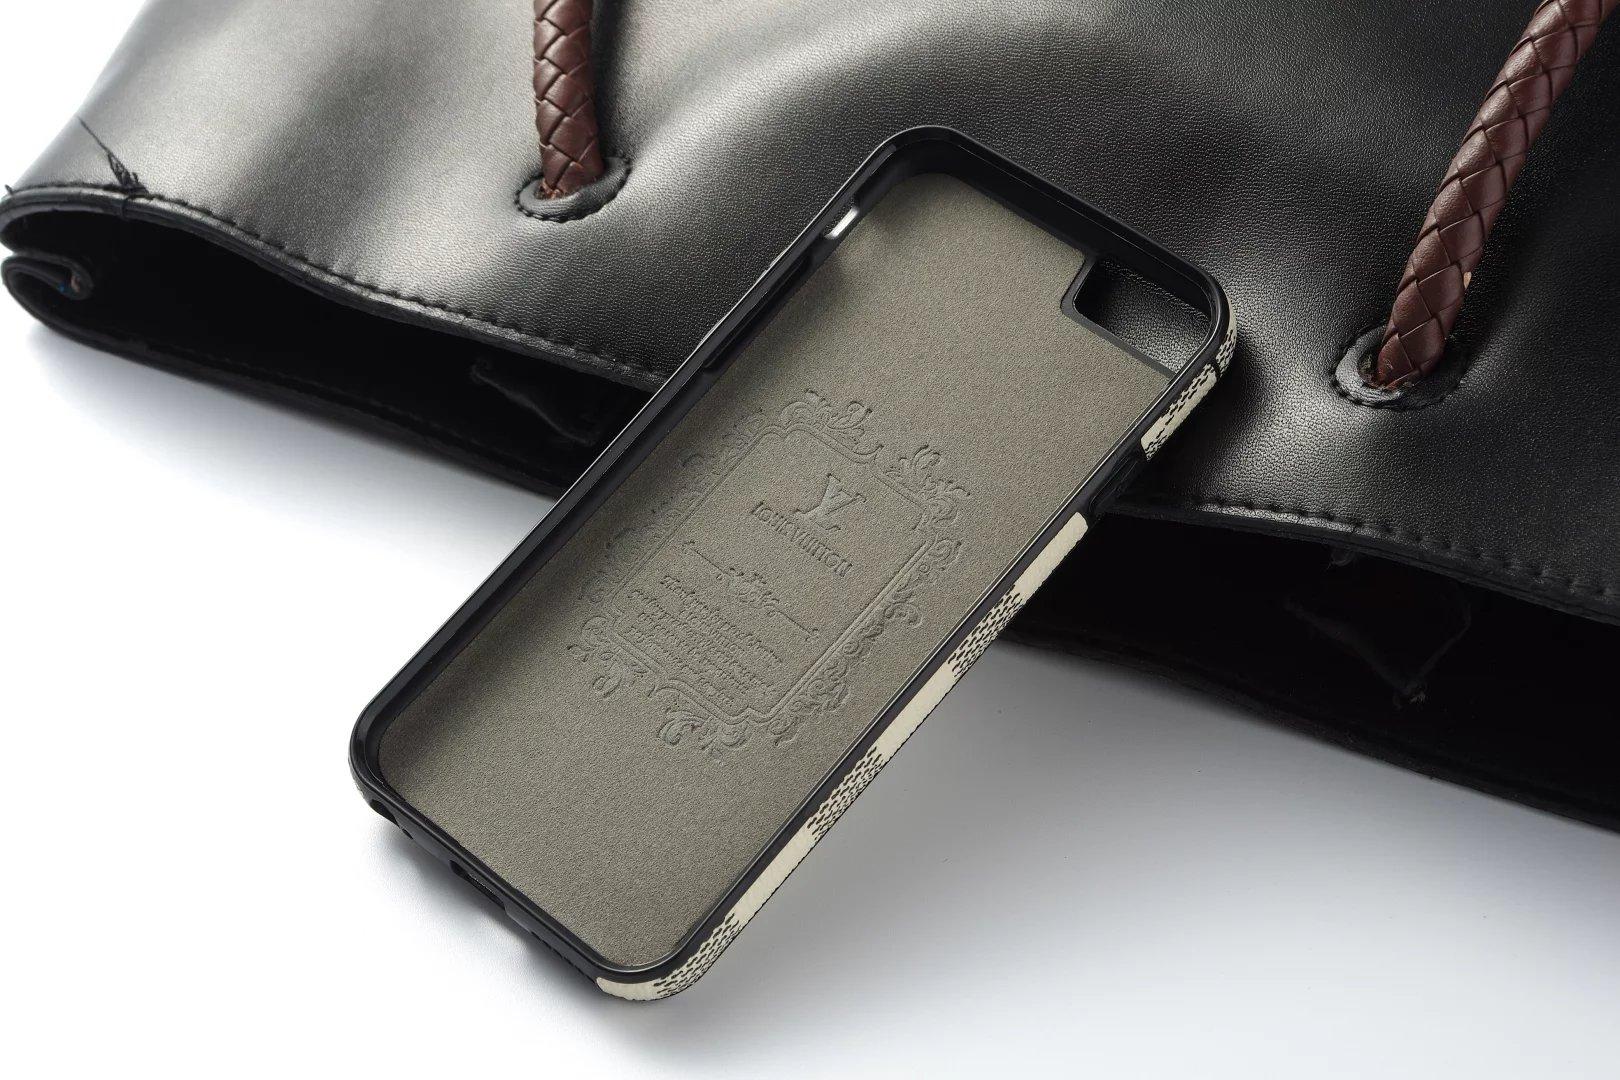 iphone hüllen bestellen designer iphone hüllen Gucci iphone7 hülle iphone 7 oftca7 iphone 7 hülle bunt beste iphone schutzhülle apple store zubehör iphone hülle bunt iphone 7 oder 6